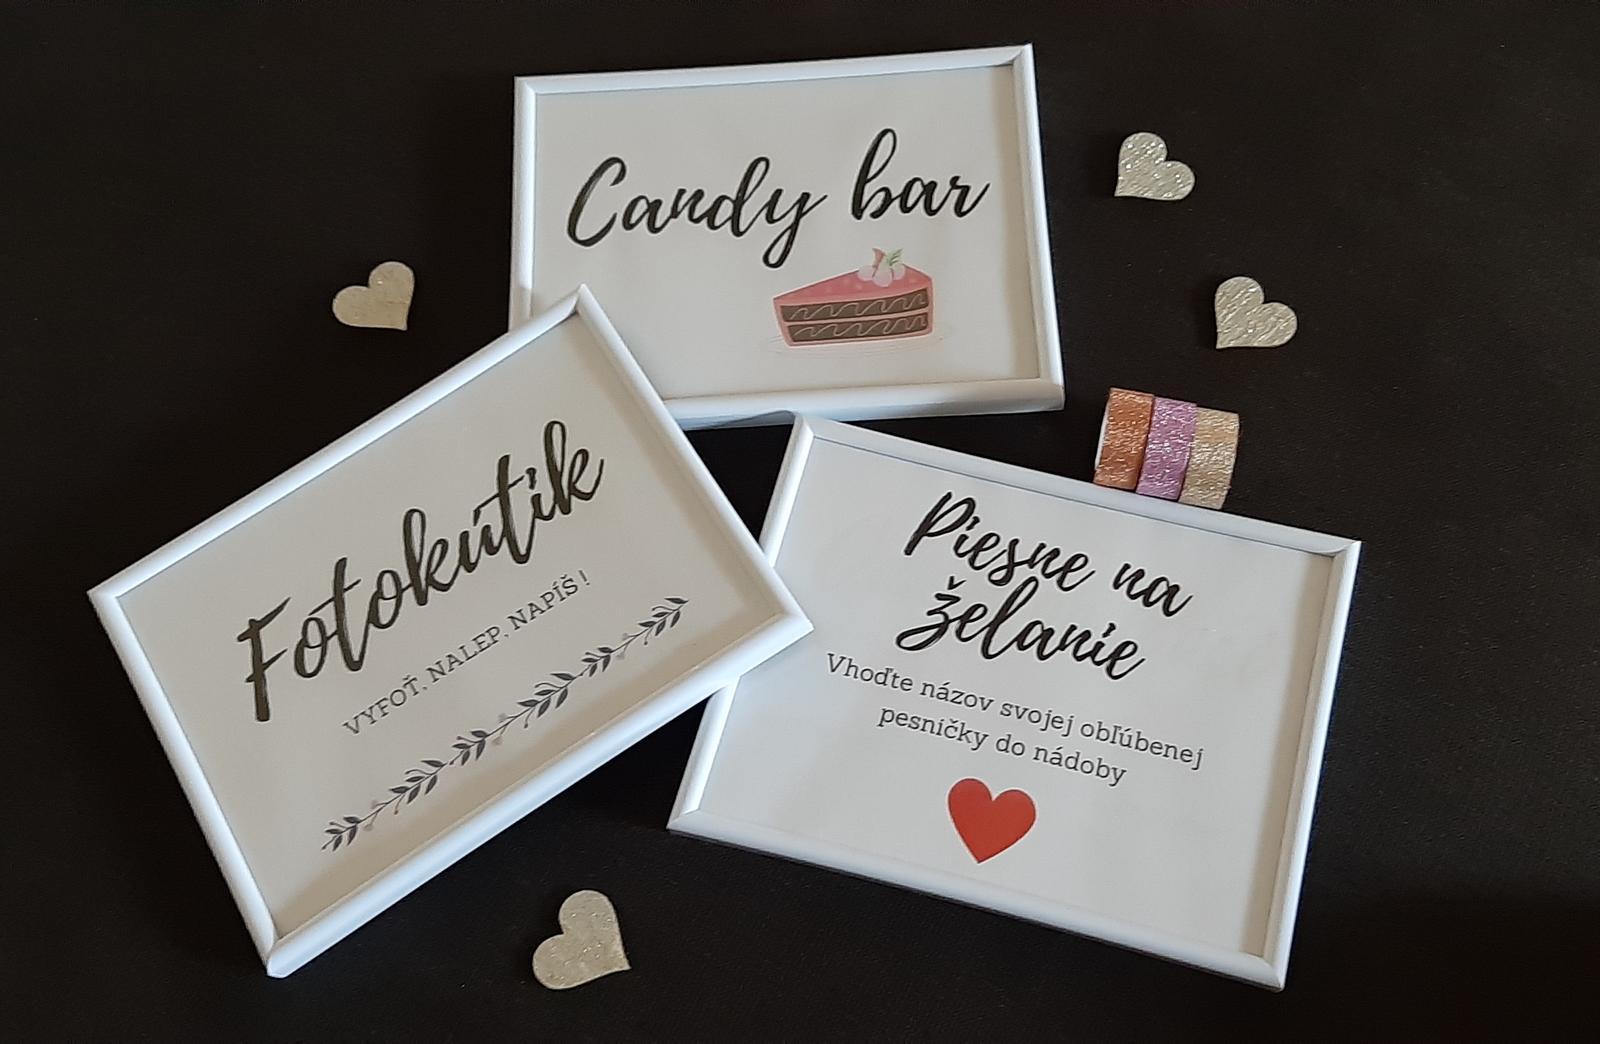 Rekvizity - rámčeky a aktivity & Candybar - Vtipné nápisy - Obrázok č. 1